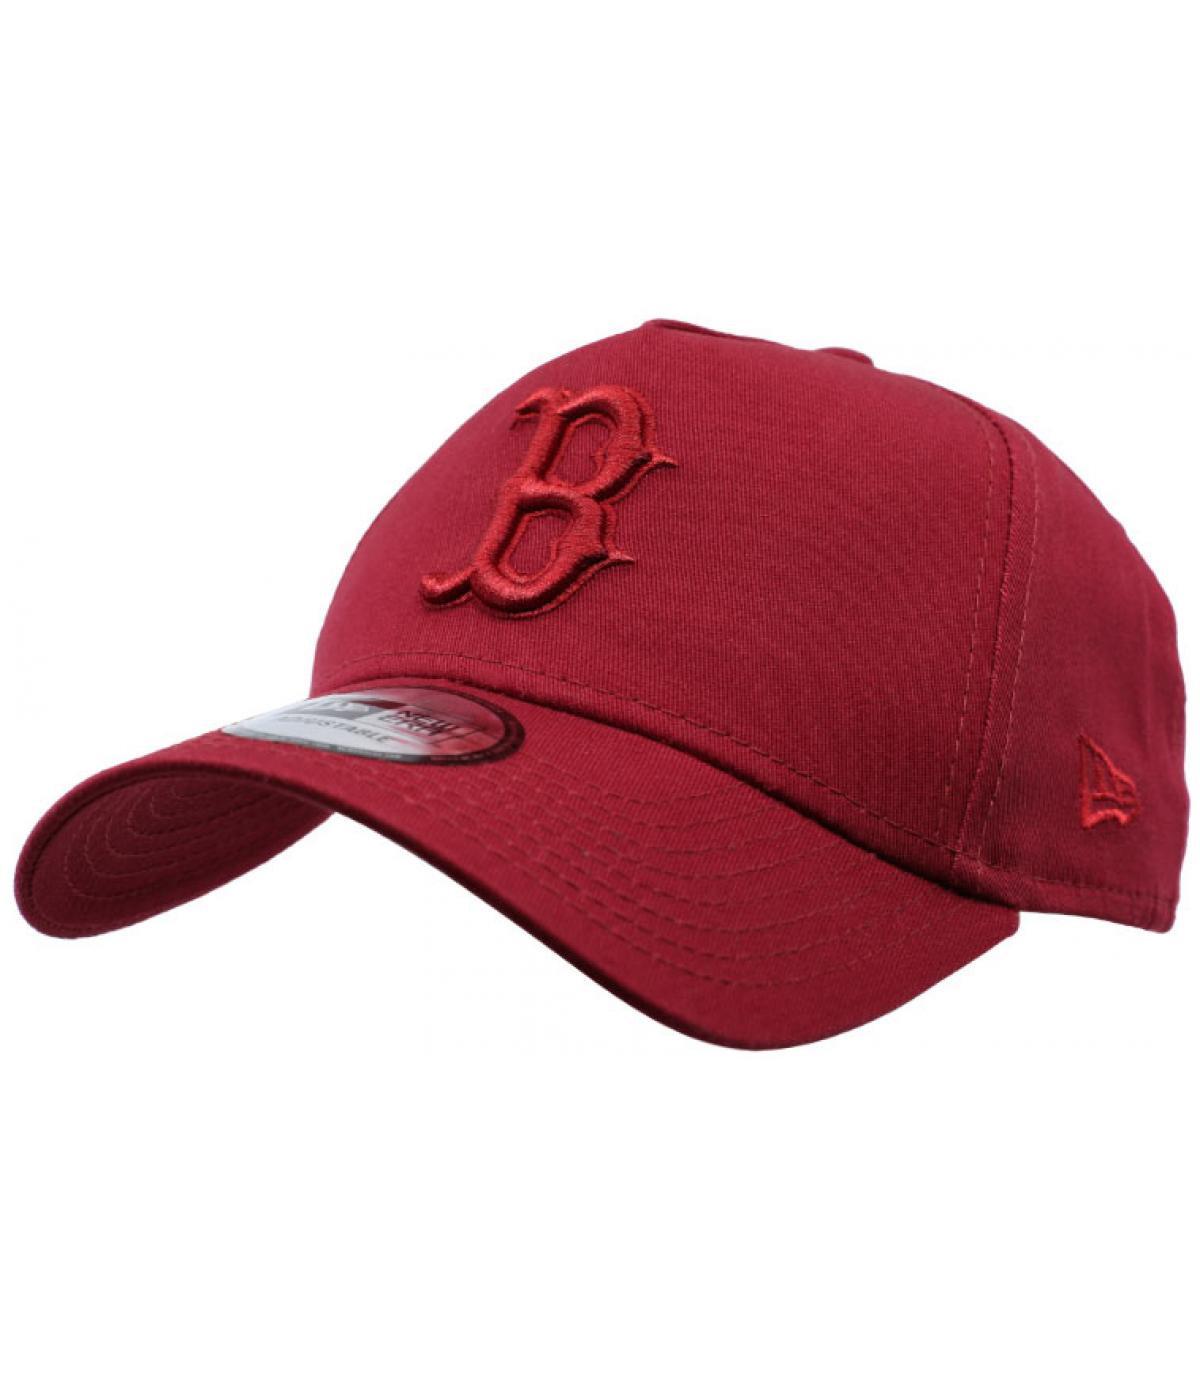 Détails League Ess Boston Aframe cardinal - image 2